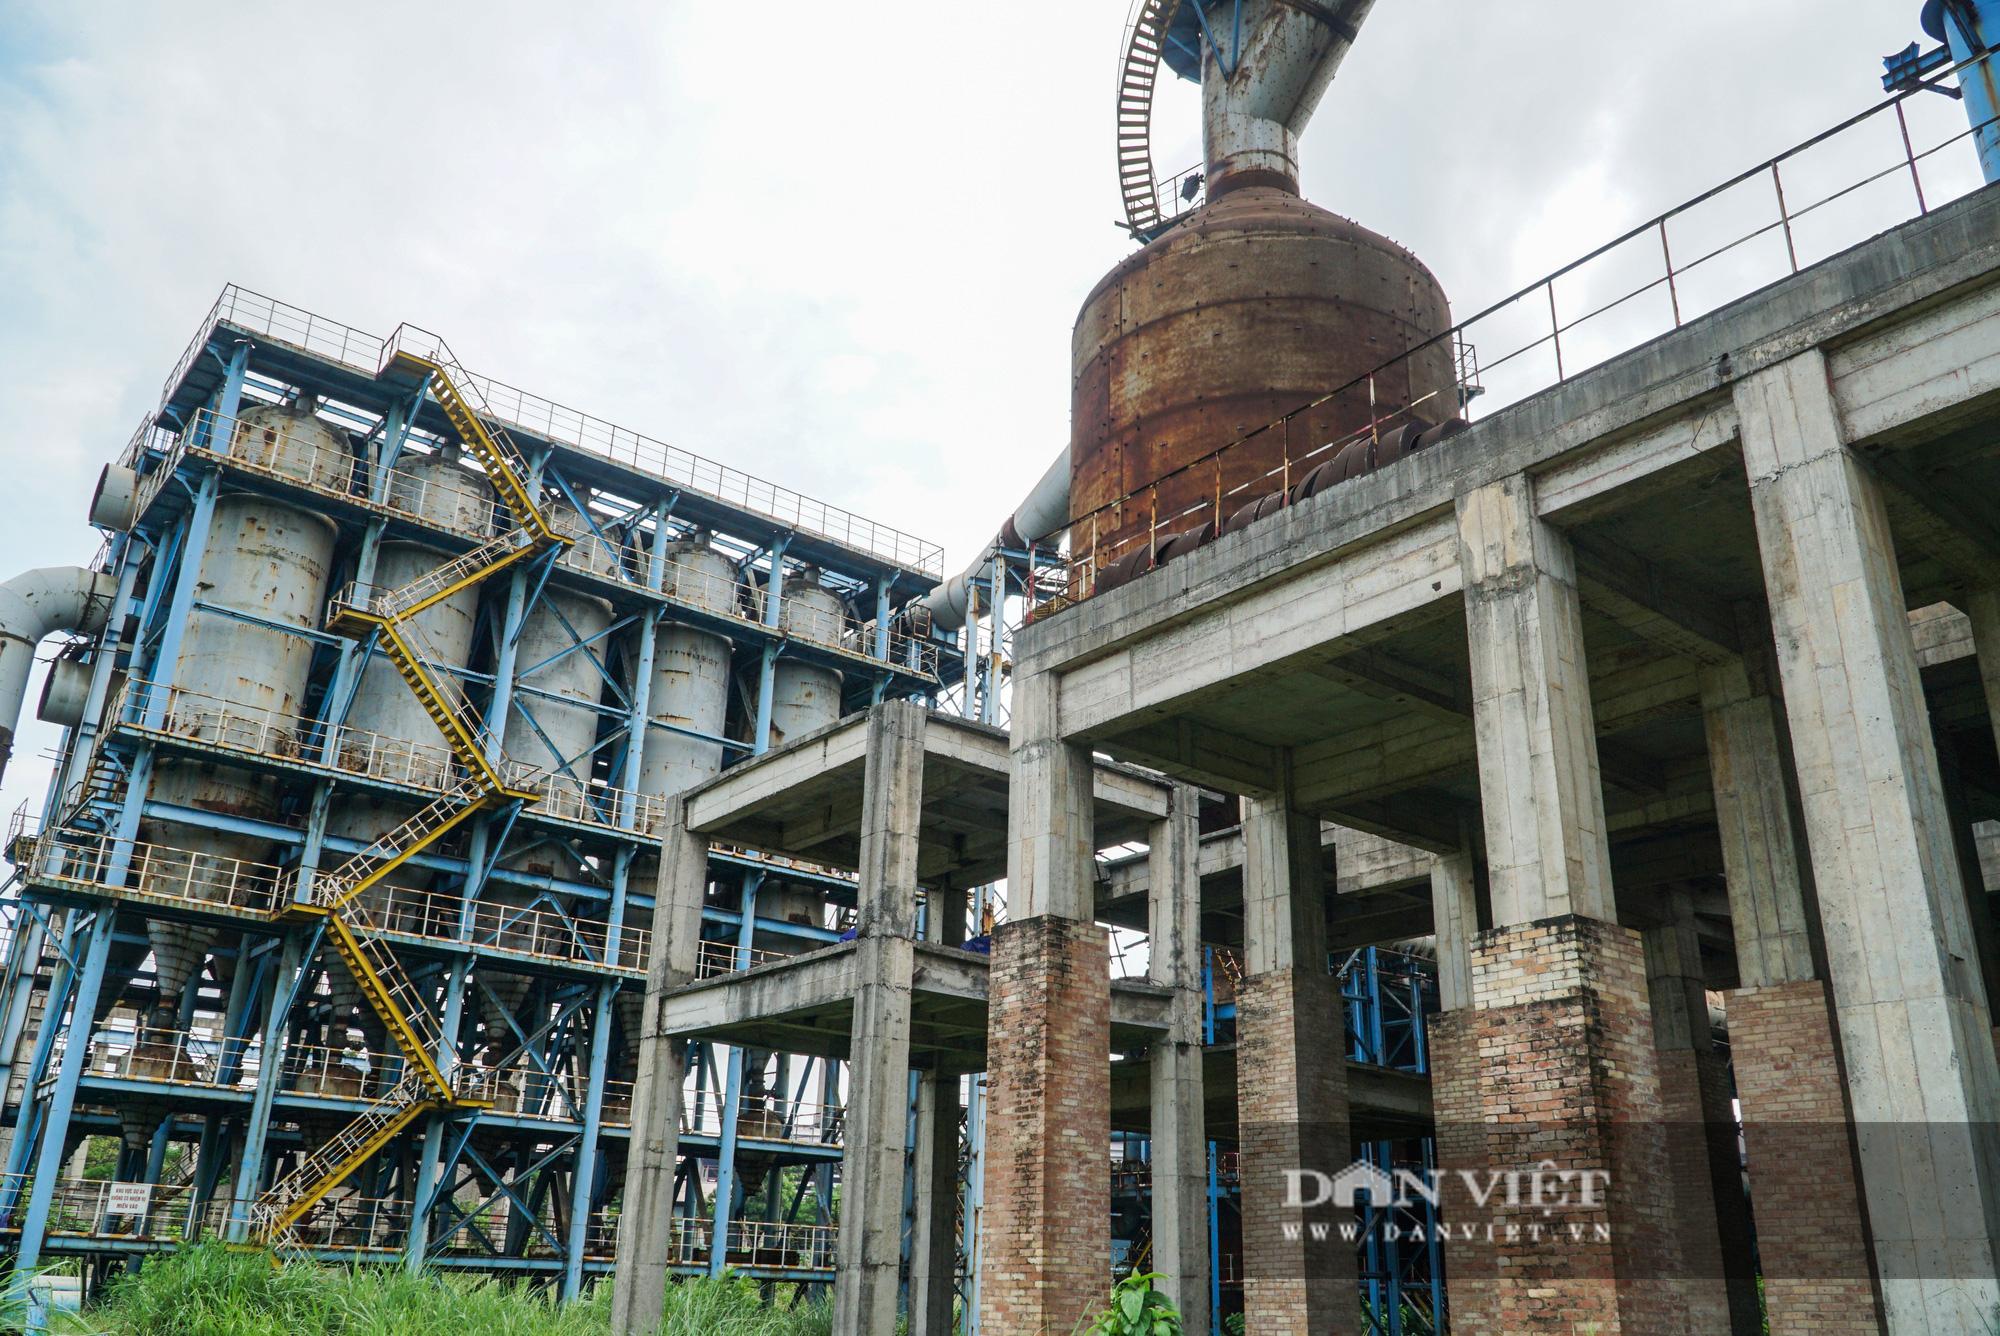 """Nhìn lại dự án nhà máy hơn 8 nghìn tỷ """"đắp chiếu"""" tại Thái Nguyên - Ảnh 9."""